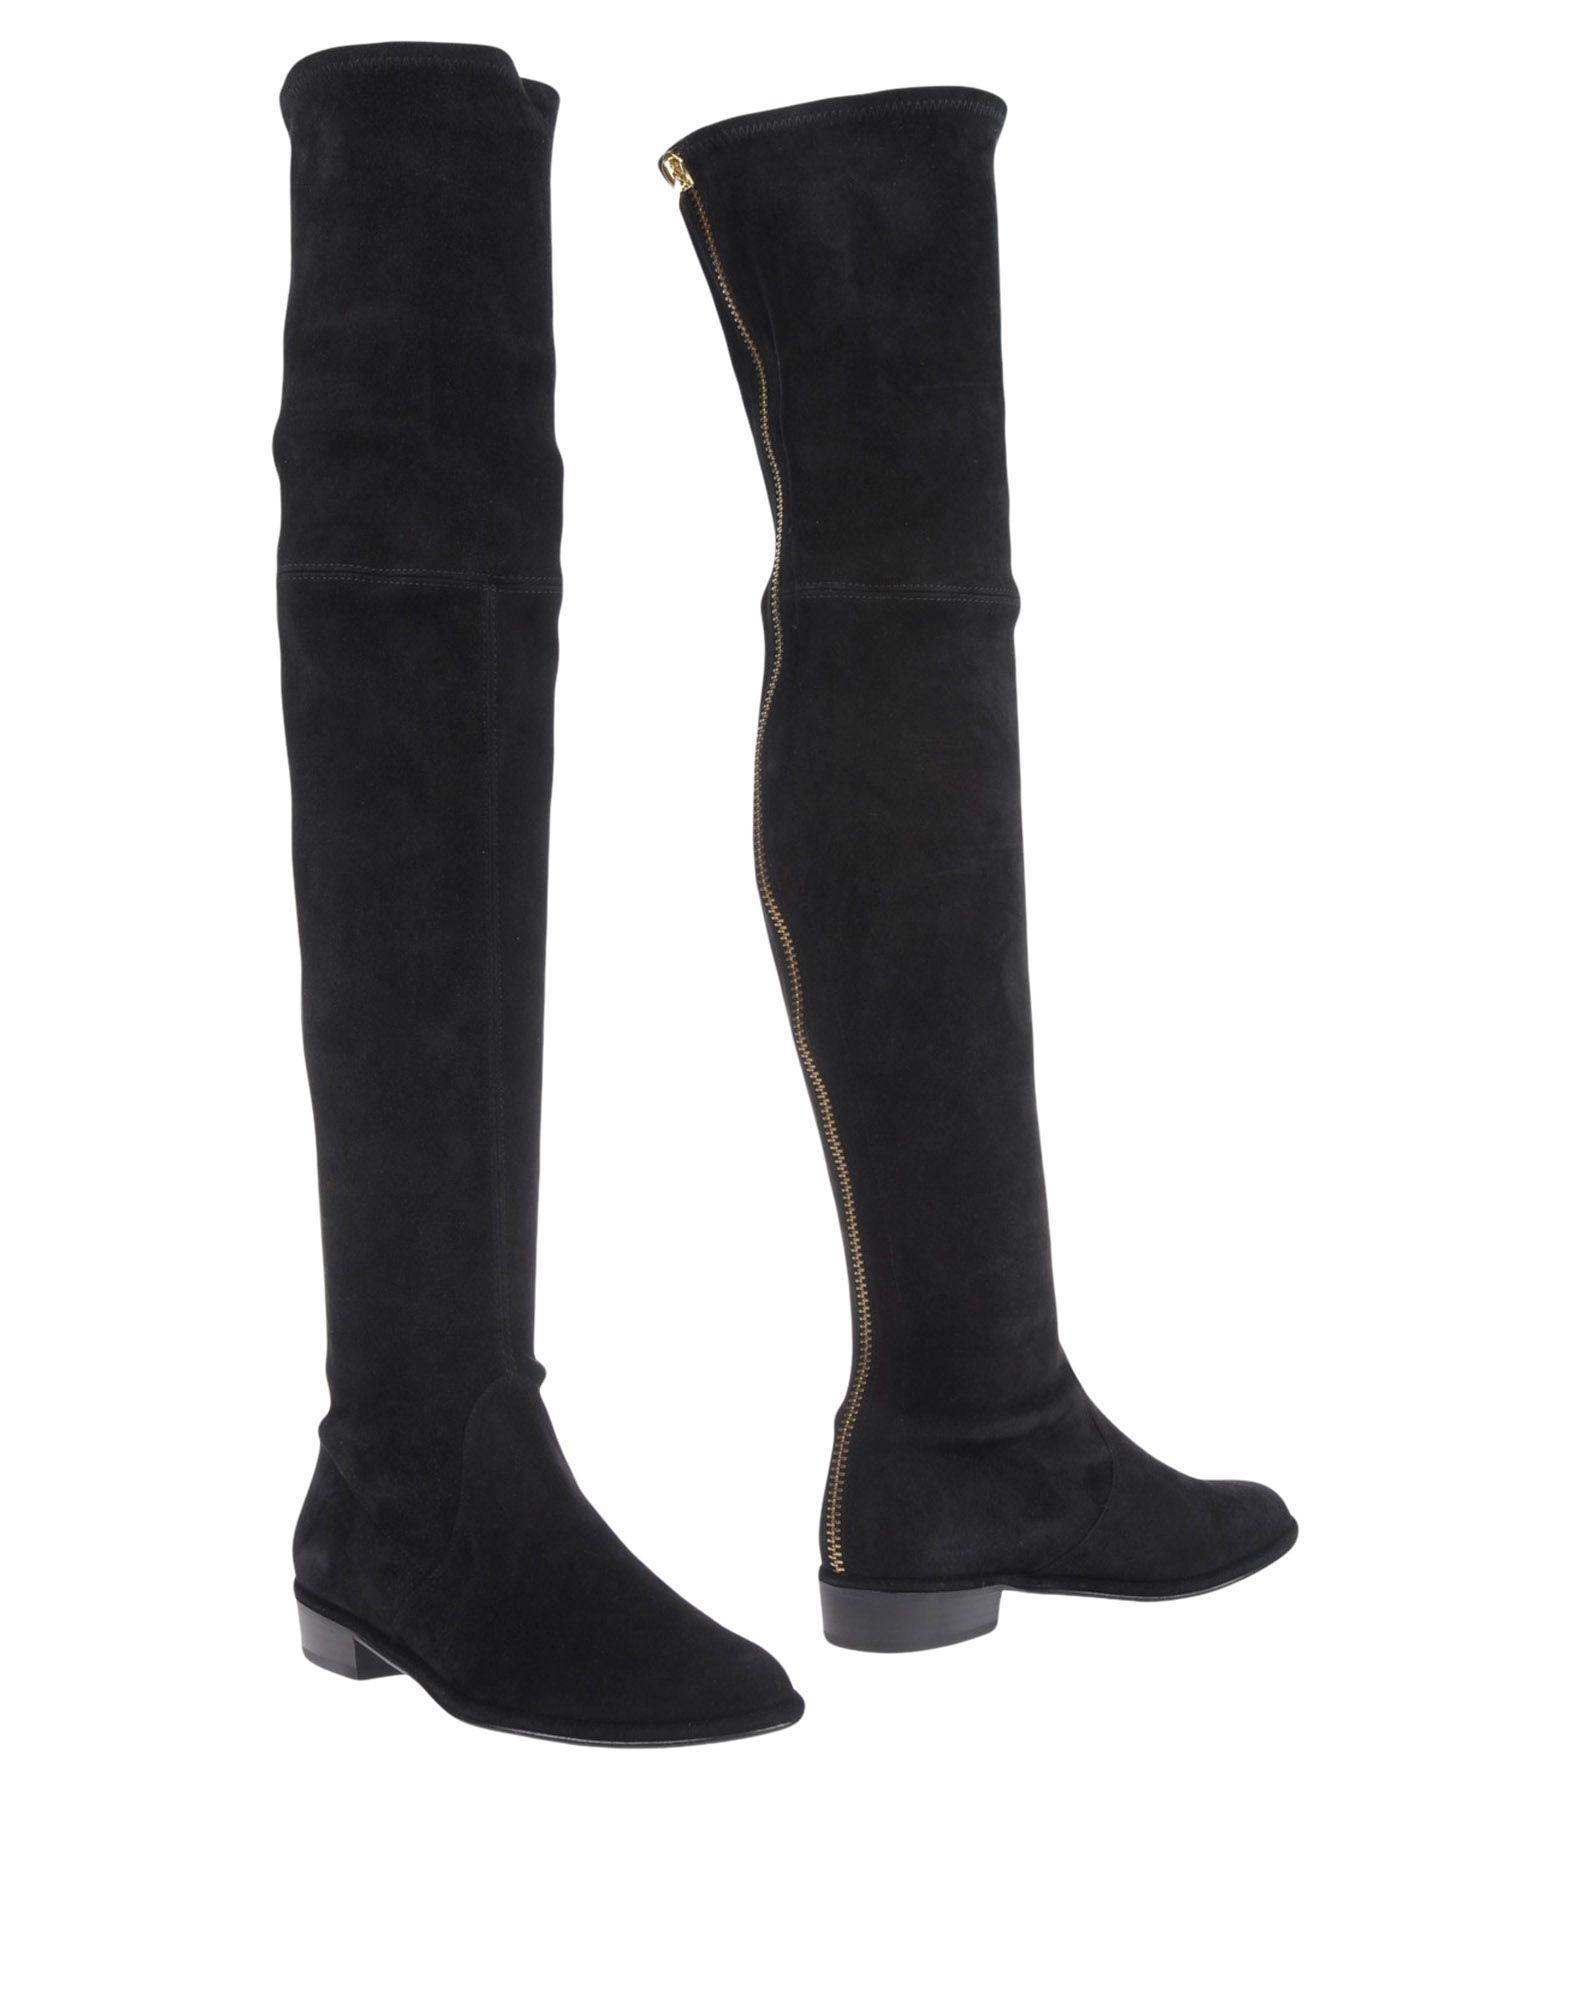 Stuart Weitzman Stiefel Damen Damen Damen  11212735XX Beliebte Schuhe 64bda3